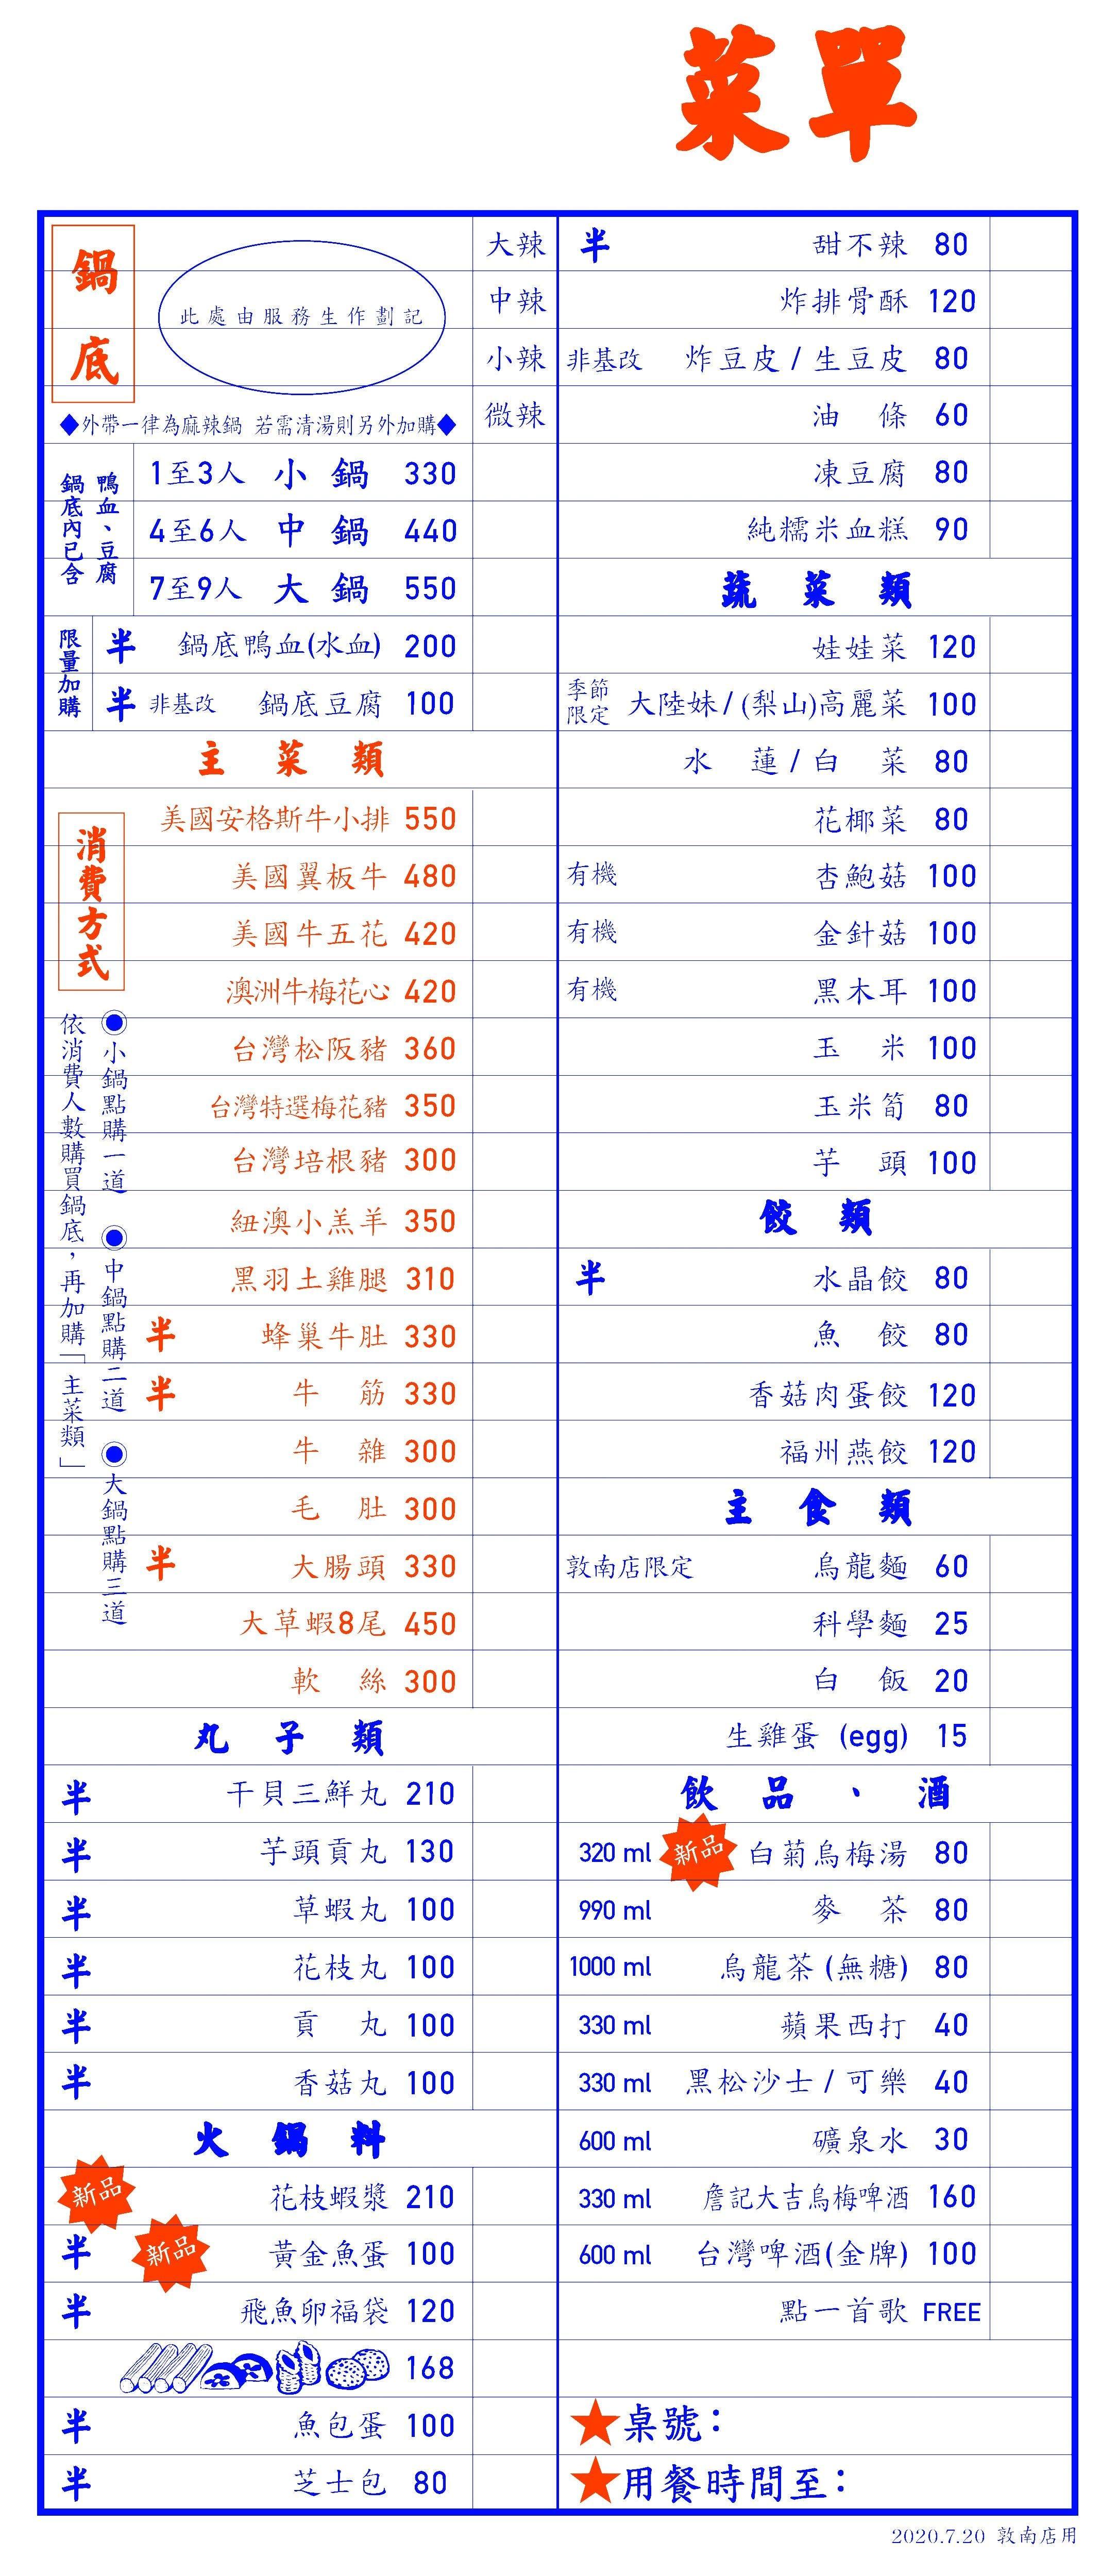 詹記麻辣火鍋 敦南店 | Book Now! - inline online bookings